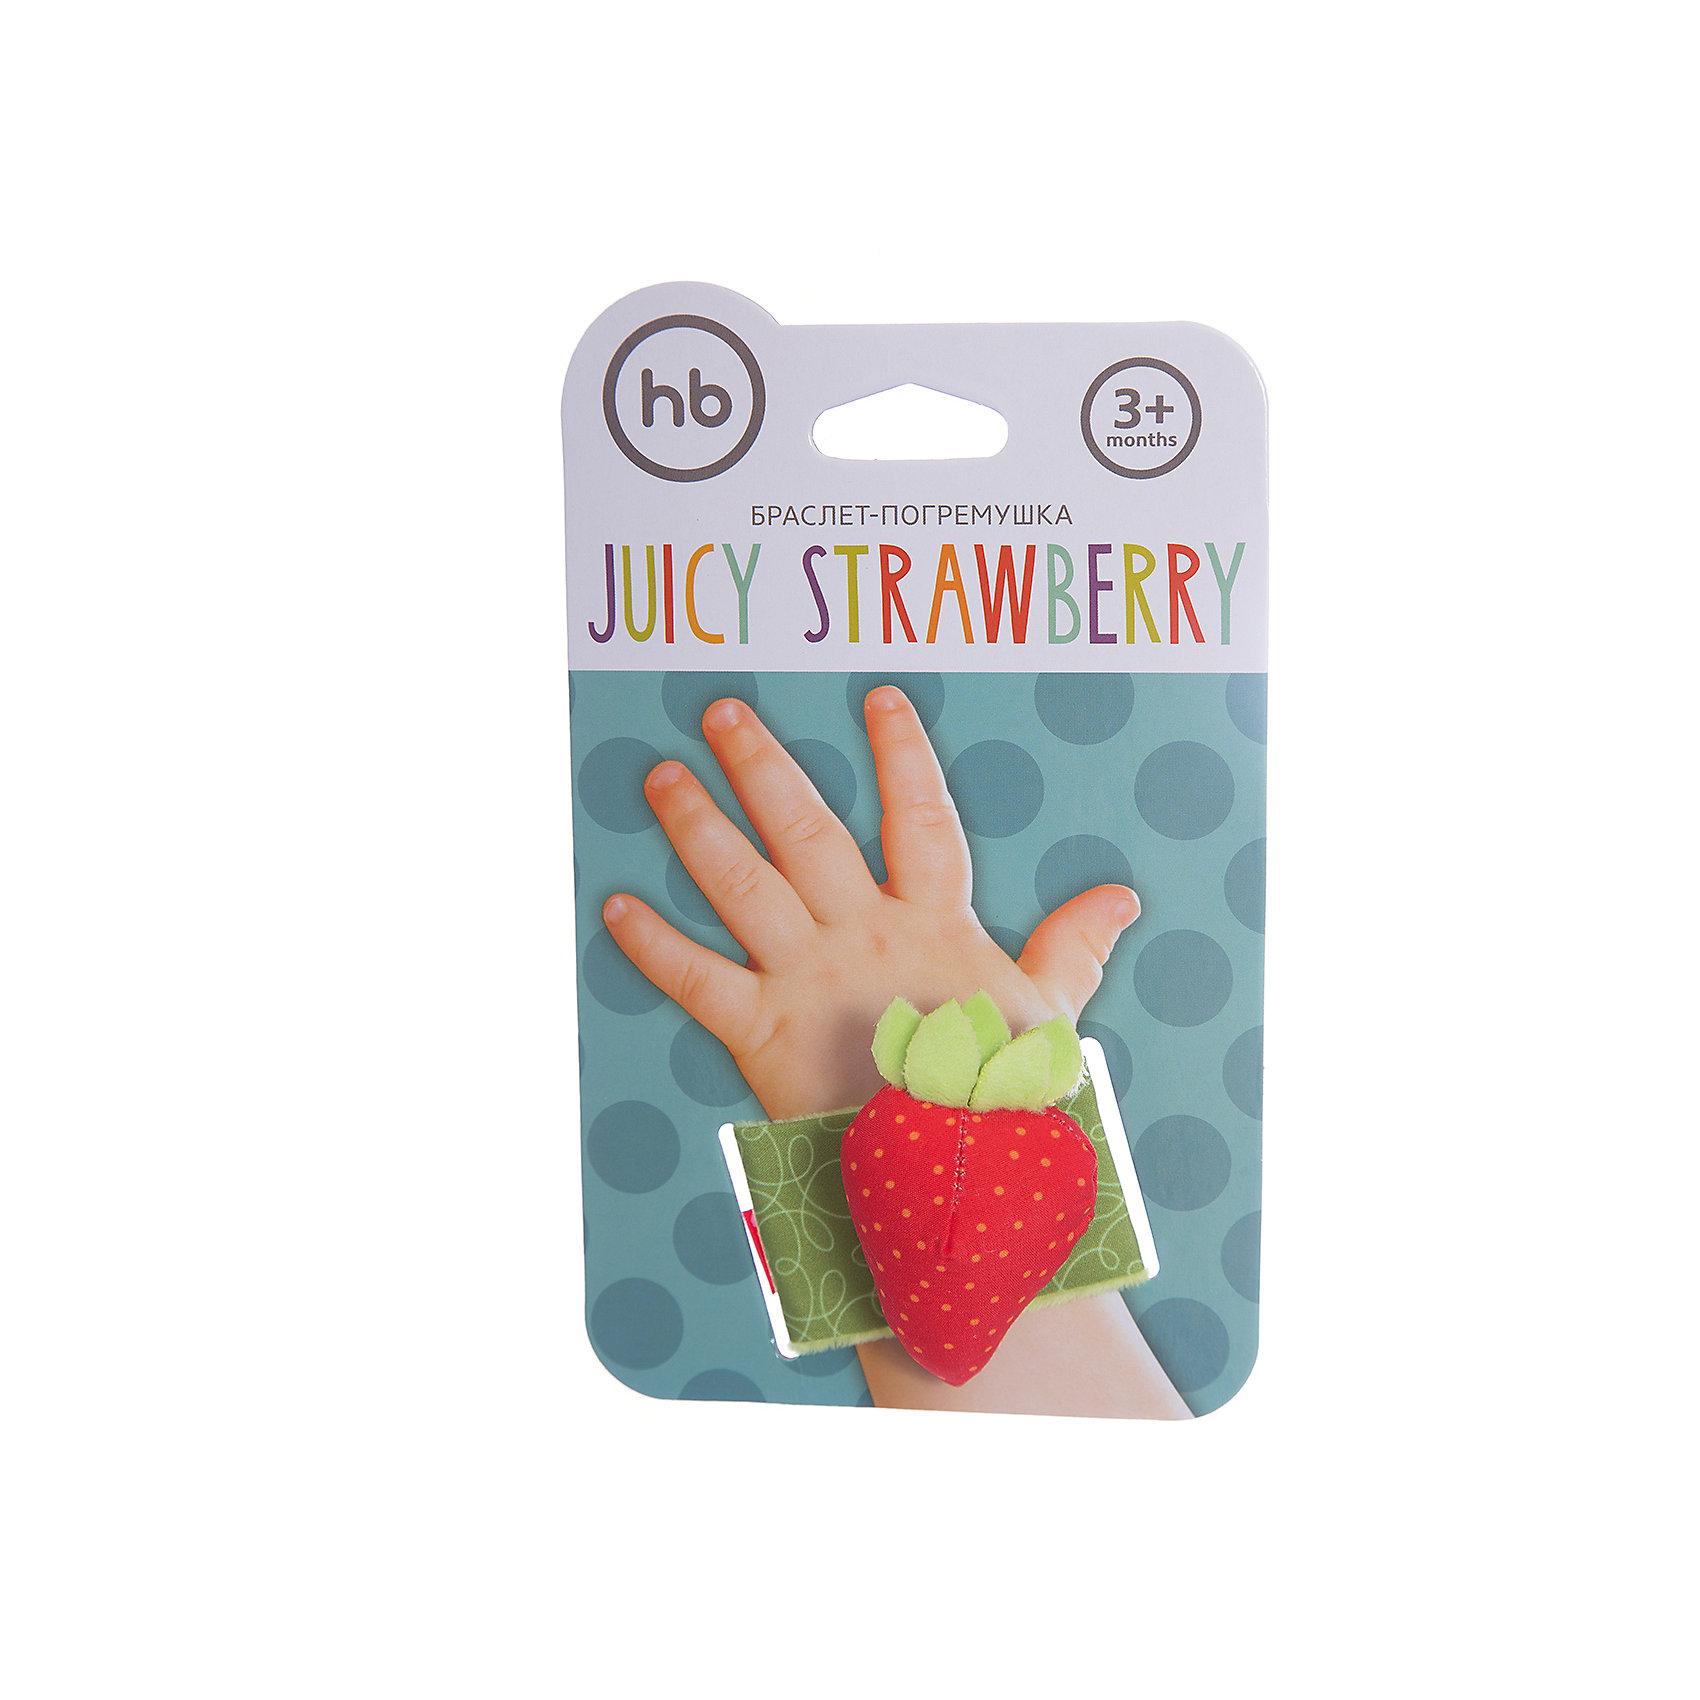 Погремушка-браслет Juicy Strawberry, Happy BabyПогремушки<br>Характеристики:<br><br>• Вид игр: развивающие, обучающие<br>• Материал: полиэстер, хлопок<br>• Тип крепления: липучка<br>• Наличие шумовых эффектов<br>• Универсальный размер<br>• Вес: 44 г<br>• Параметры (Д*Ш*В): 3,4*12*19,5 см <br>• Особенности ухода: влажная и сухая чистка<br><br>Погремушка-браслет Juicy Strawberry, Happy Baby выполнена в виде крупной яркой ягодки, расположенной на широком текстильном браслете. Фиксируется браслет при помощи липучки. При движении ручки малыша, ягодка начинает греметь. Игры с такой   игрушкой будут способствовать зрительному и слуховому восприятию, координации движений, будут развивать мелкую моторику рук и эмоциональную сферу ребенка.   <br><br>Погремушку-браслет Juicy Strawberry, Happy Baby можно купить в нашем интернет-магазине.<br><br>Ширина мм: 34<br>Глубина мм: 120<br>Высота мм: 195<br>Вес г: 44<br>Возраст от месяцев: 3<br>Возраст до месяцев: 18<br>Пол: Унисекс<br>Возраст: Детский<br>SKU: 5621703